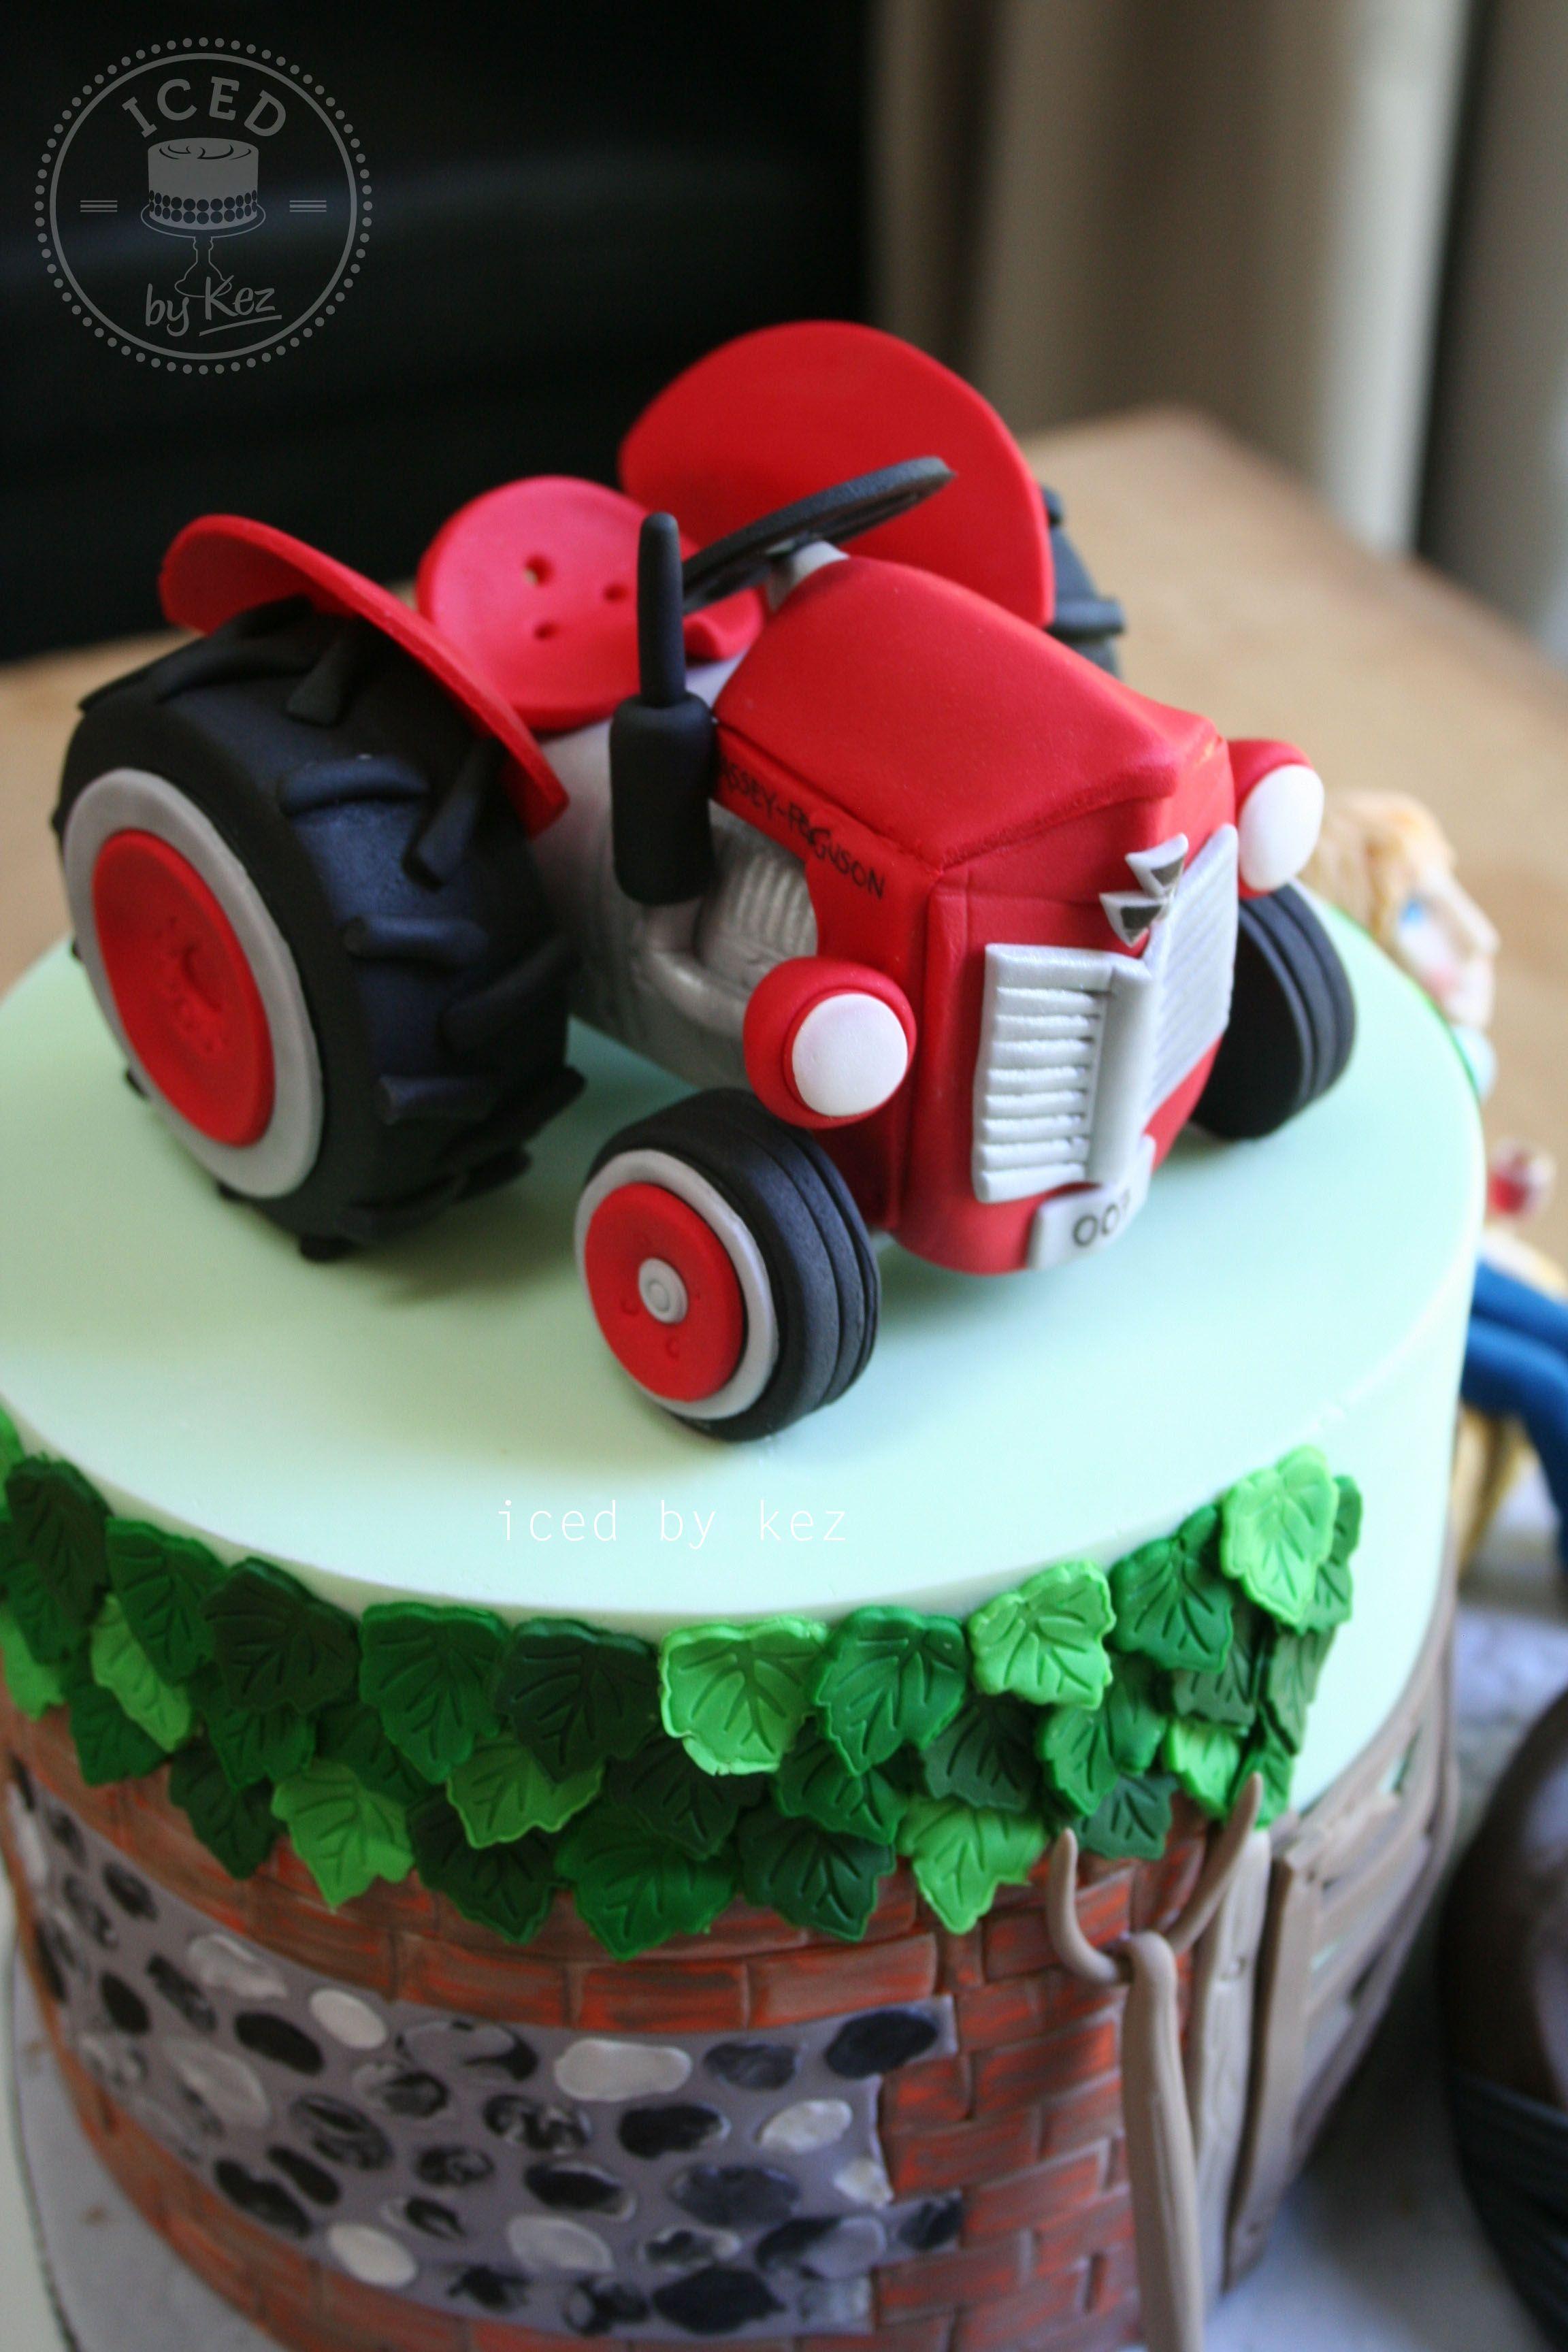 Massey Fergusson Tractor Cake Topper. kez* x | Cake Topper ...